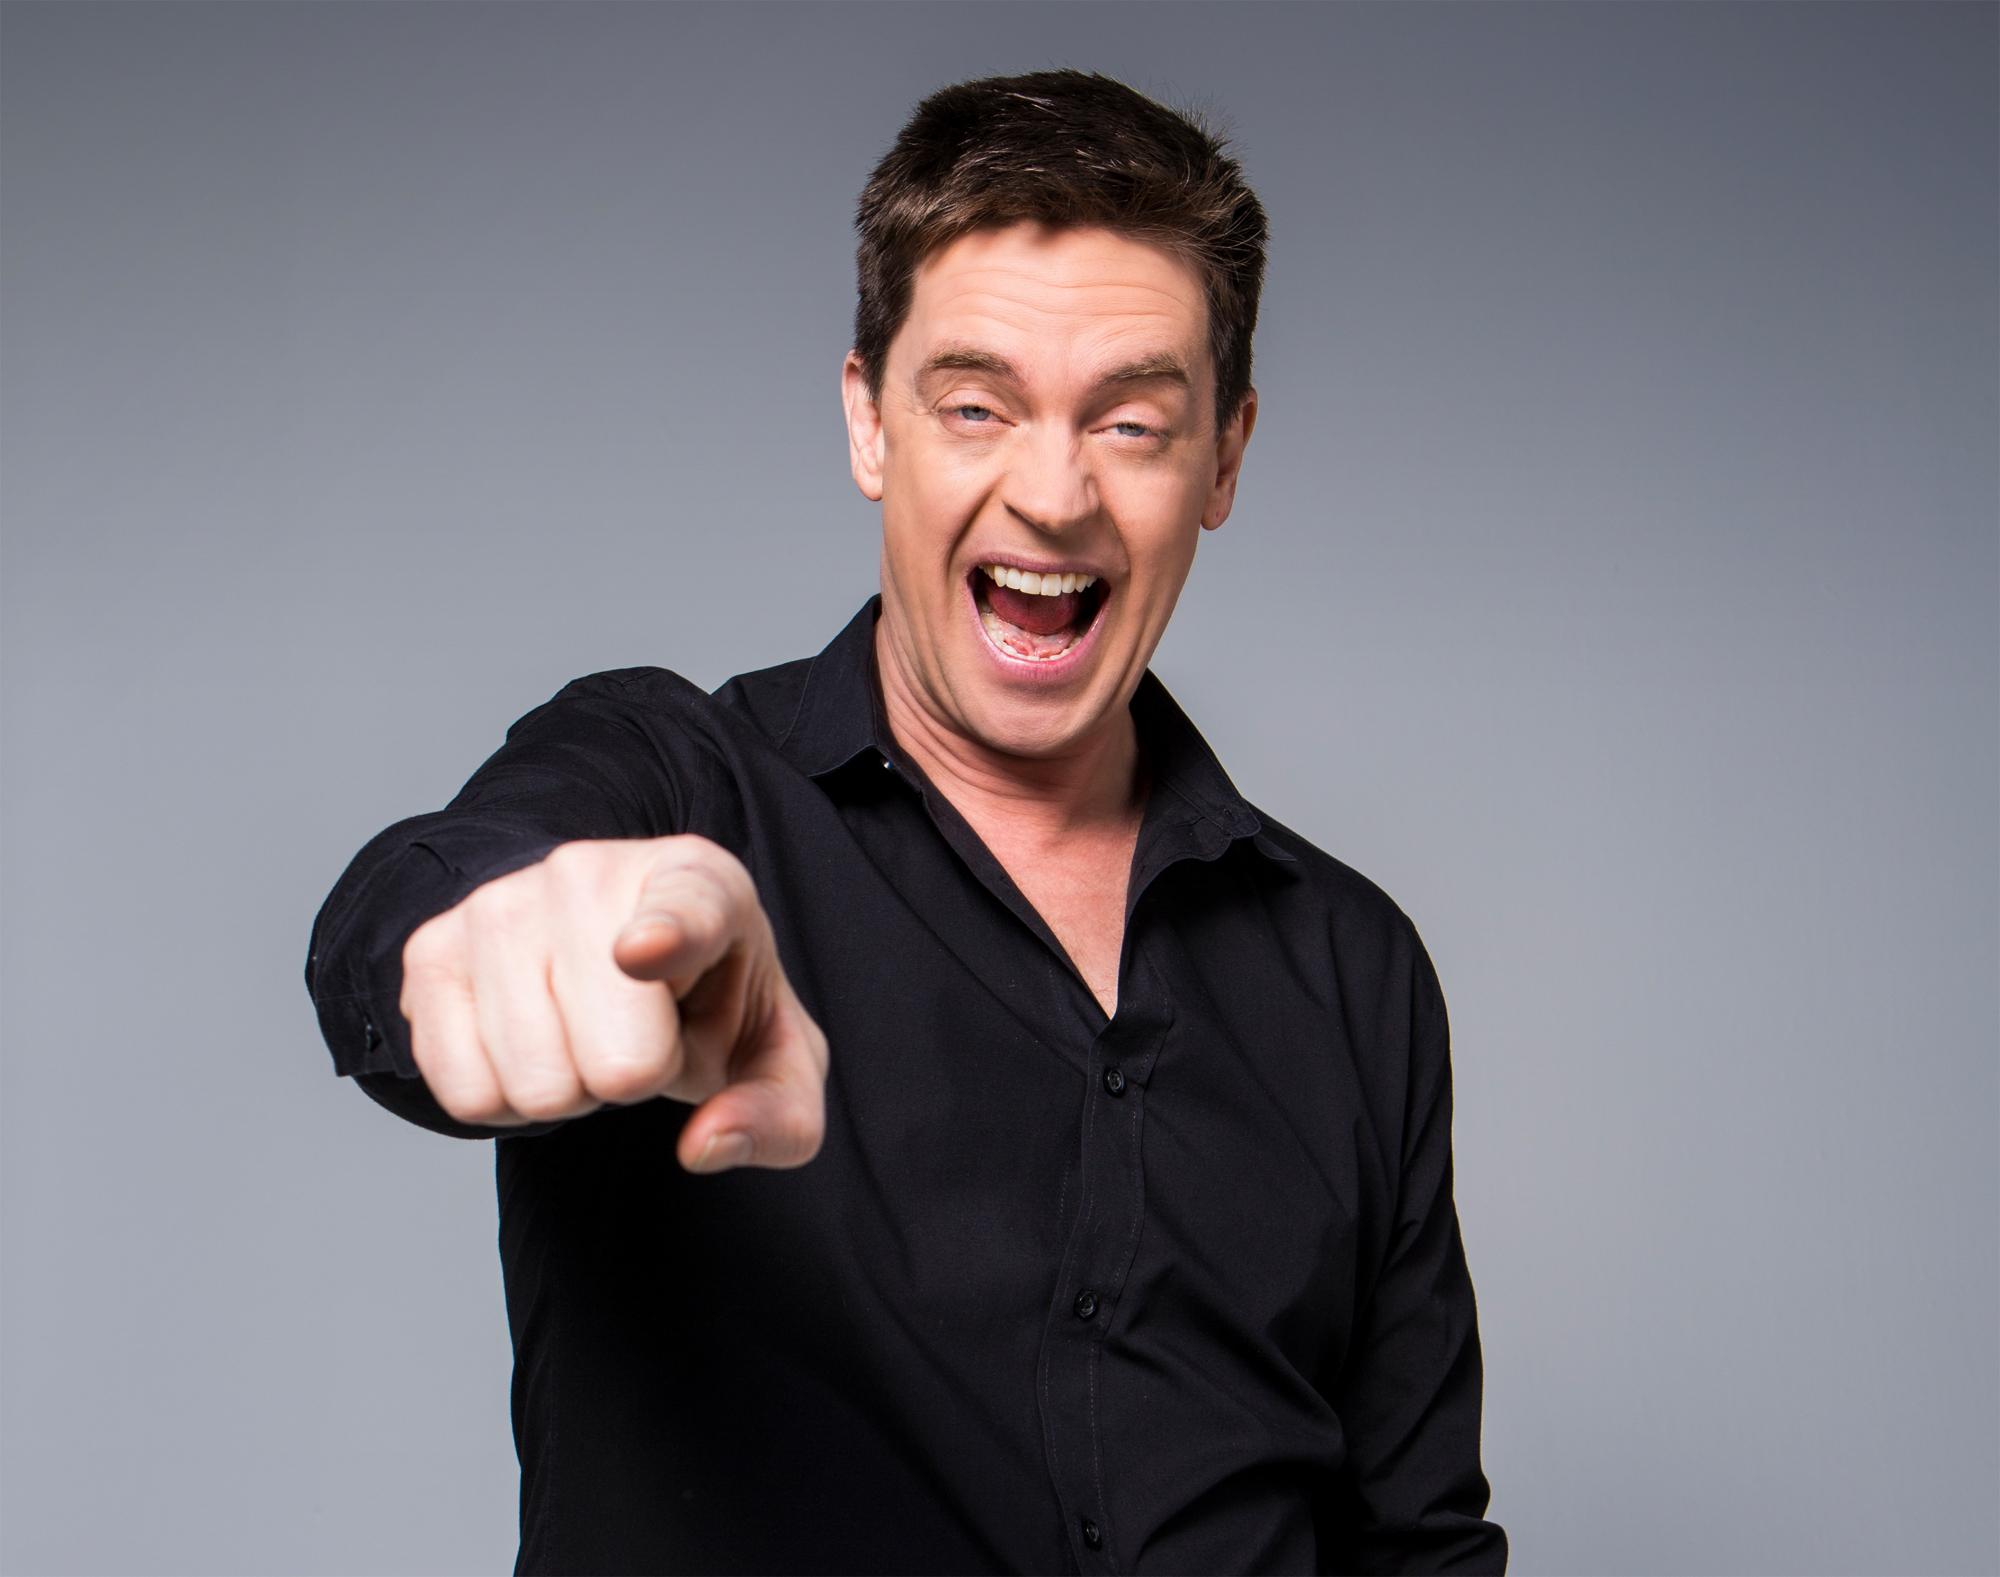 'SNL' comedian and 'Half Baked' actor Jim Breuer returns ...